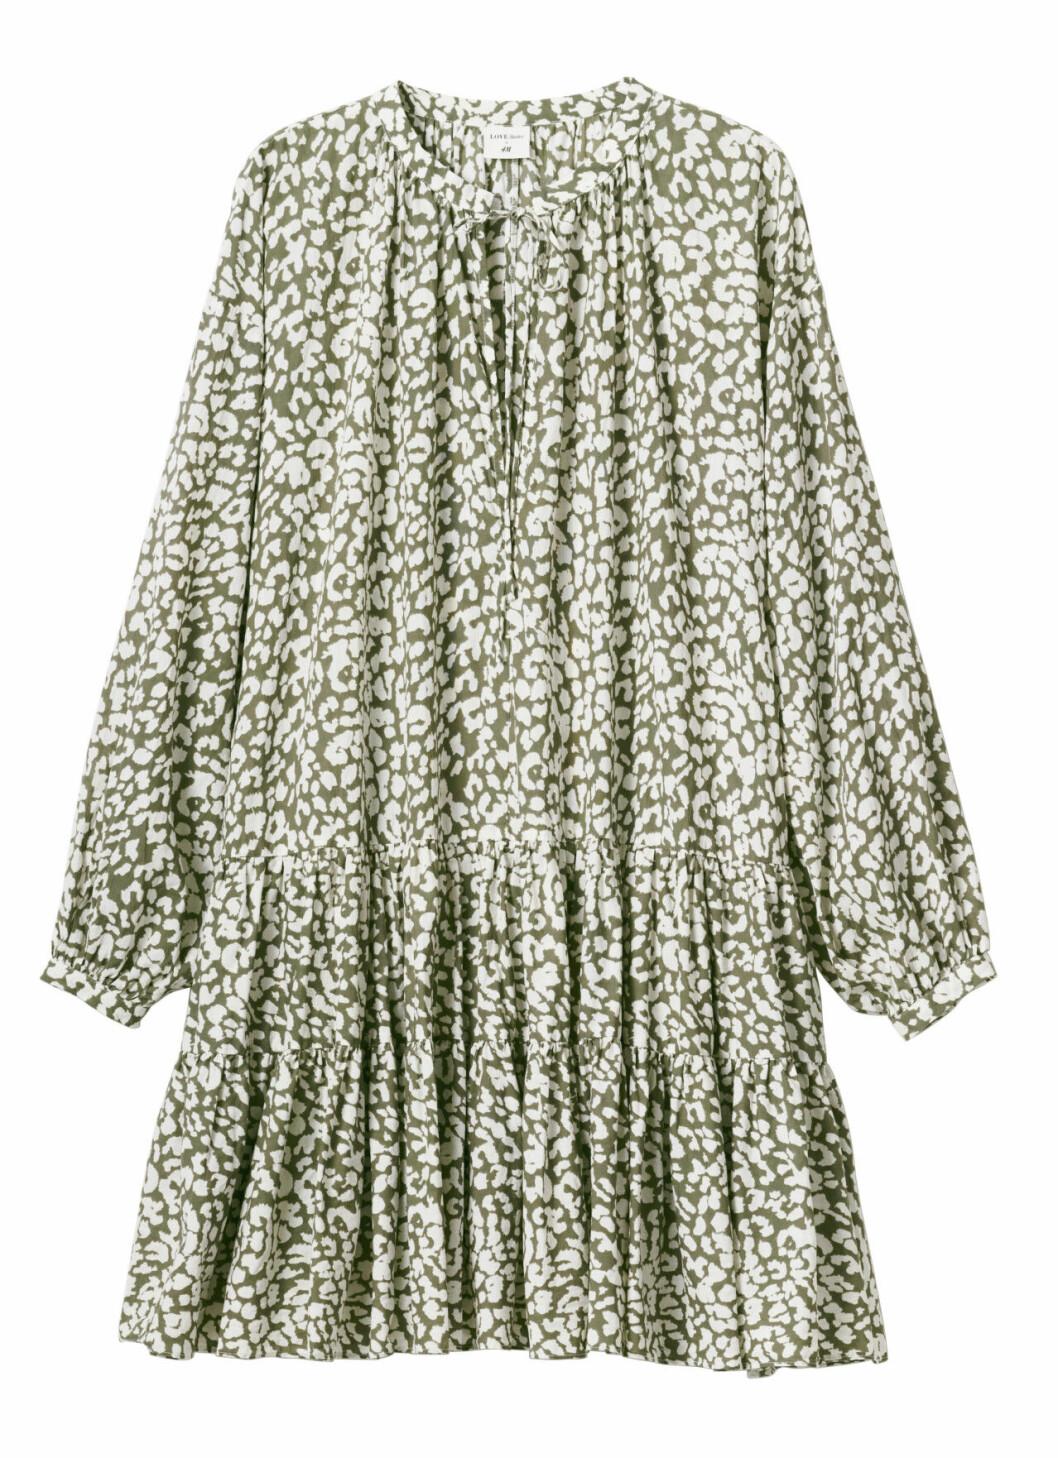 H&M släpper badkollektion med Love Stories – grön klänning